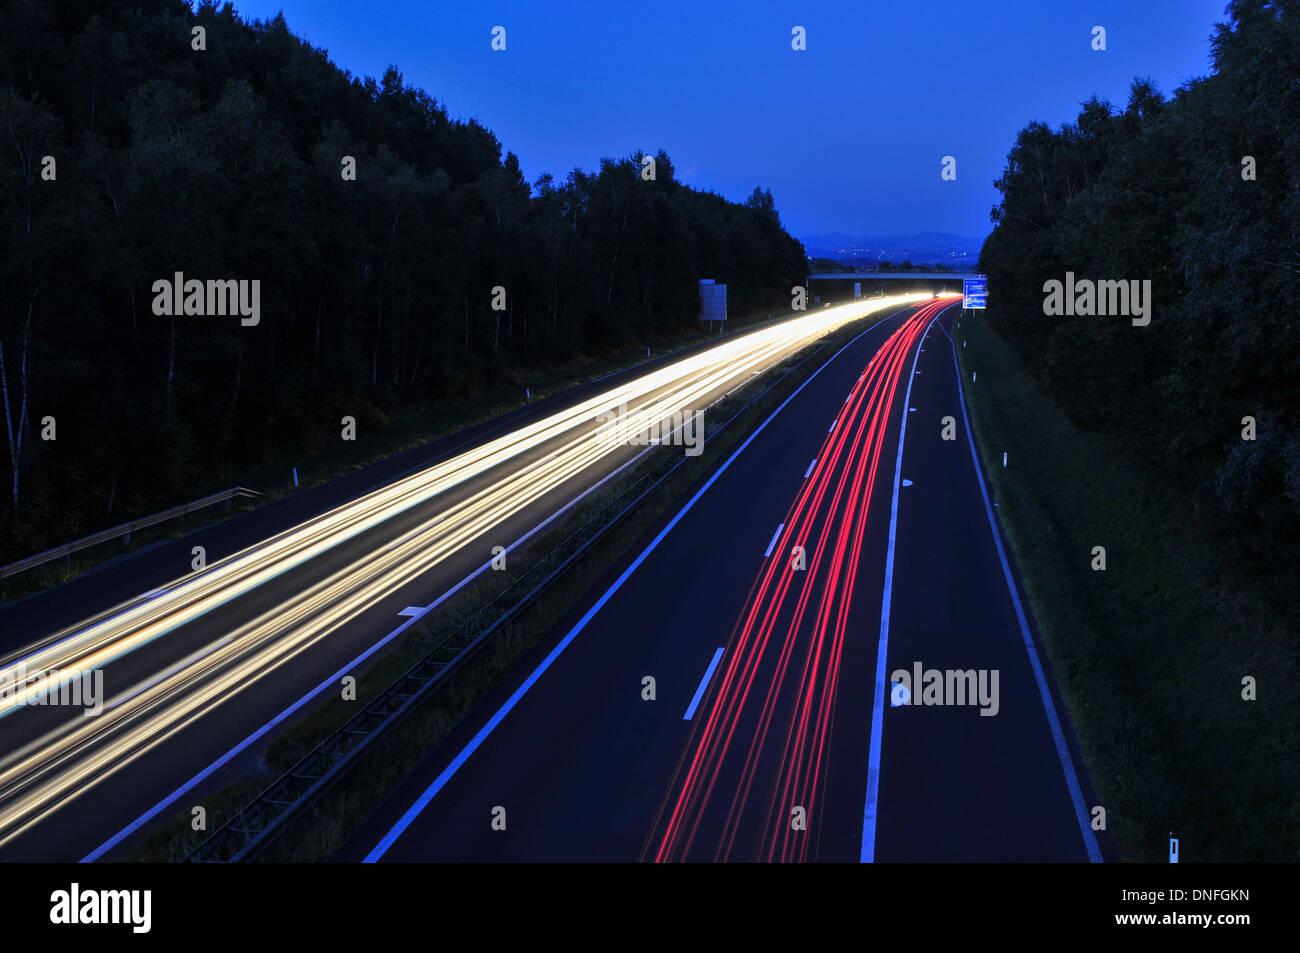 A7, Muehlkreisautobahn, Bei Linz, werden, Lichtspuren, Autos, Grund, Blaue Stunde. Stockbild